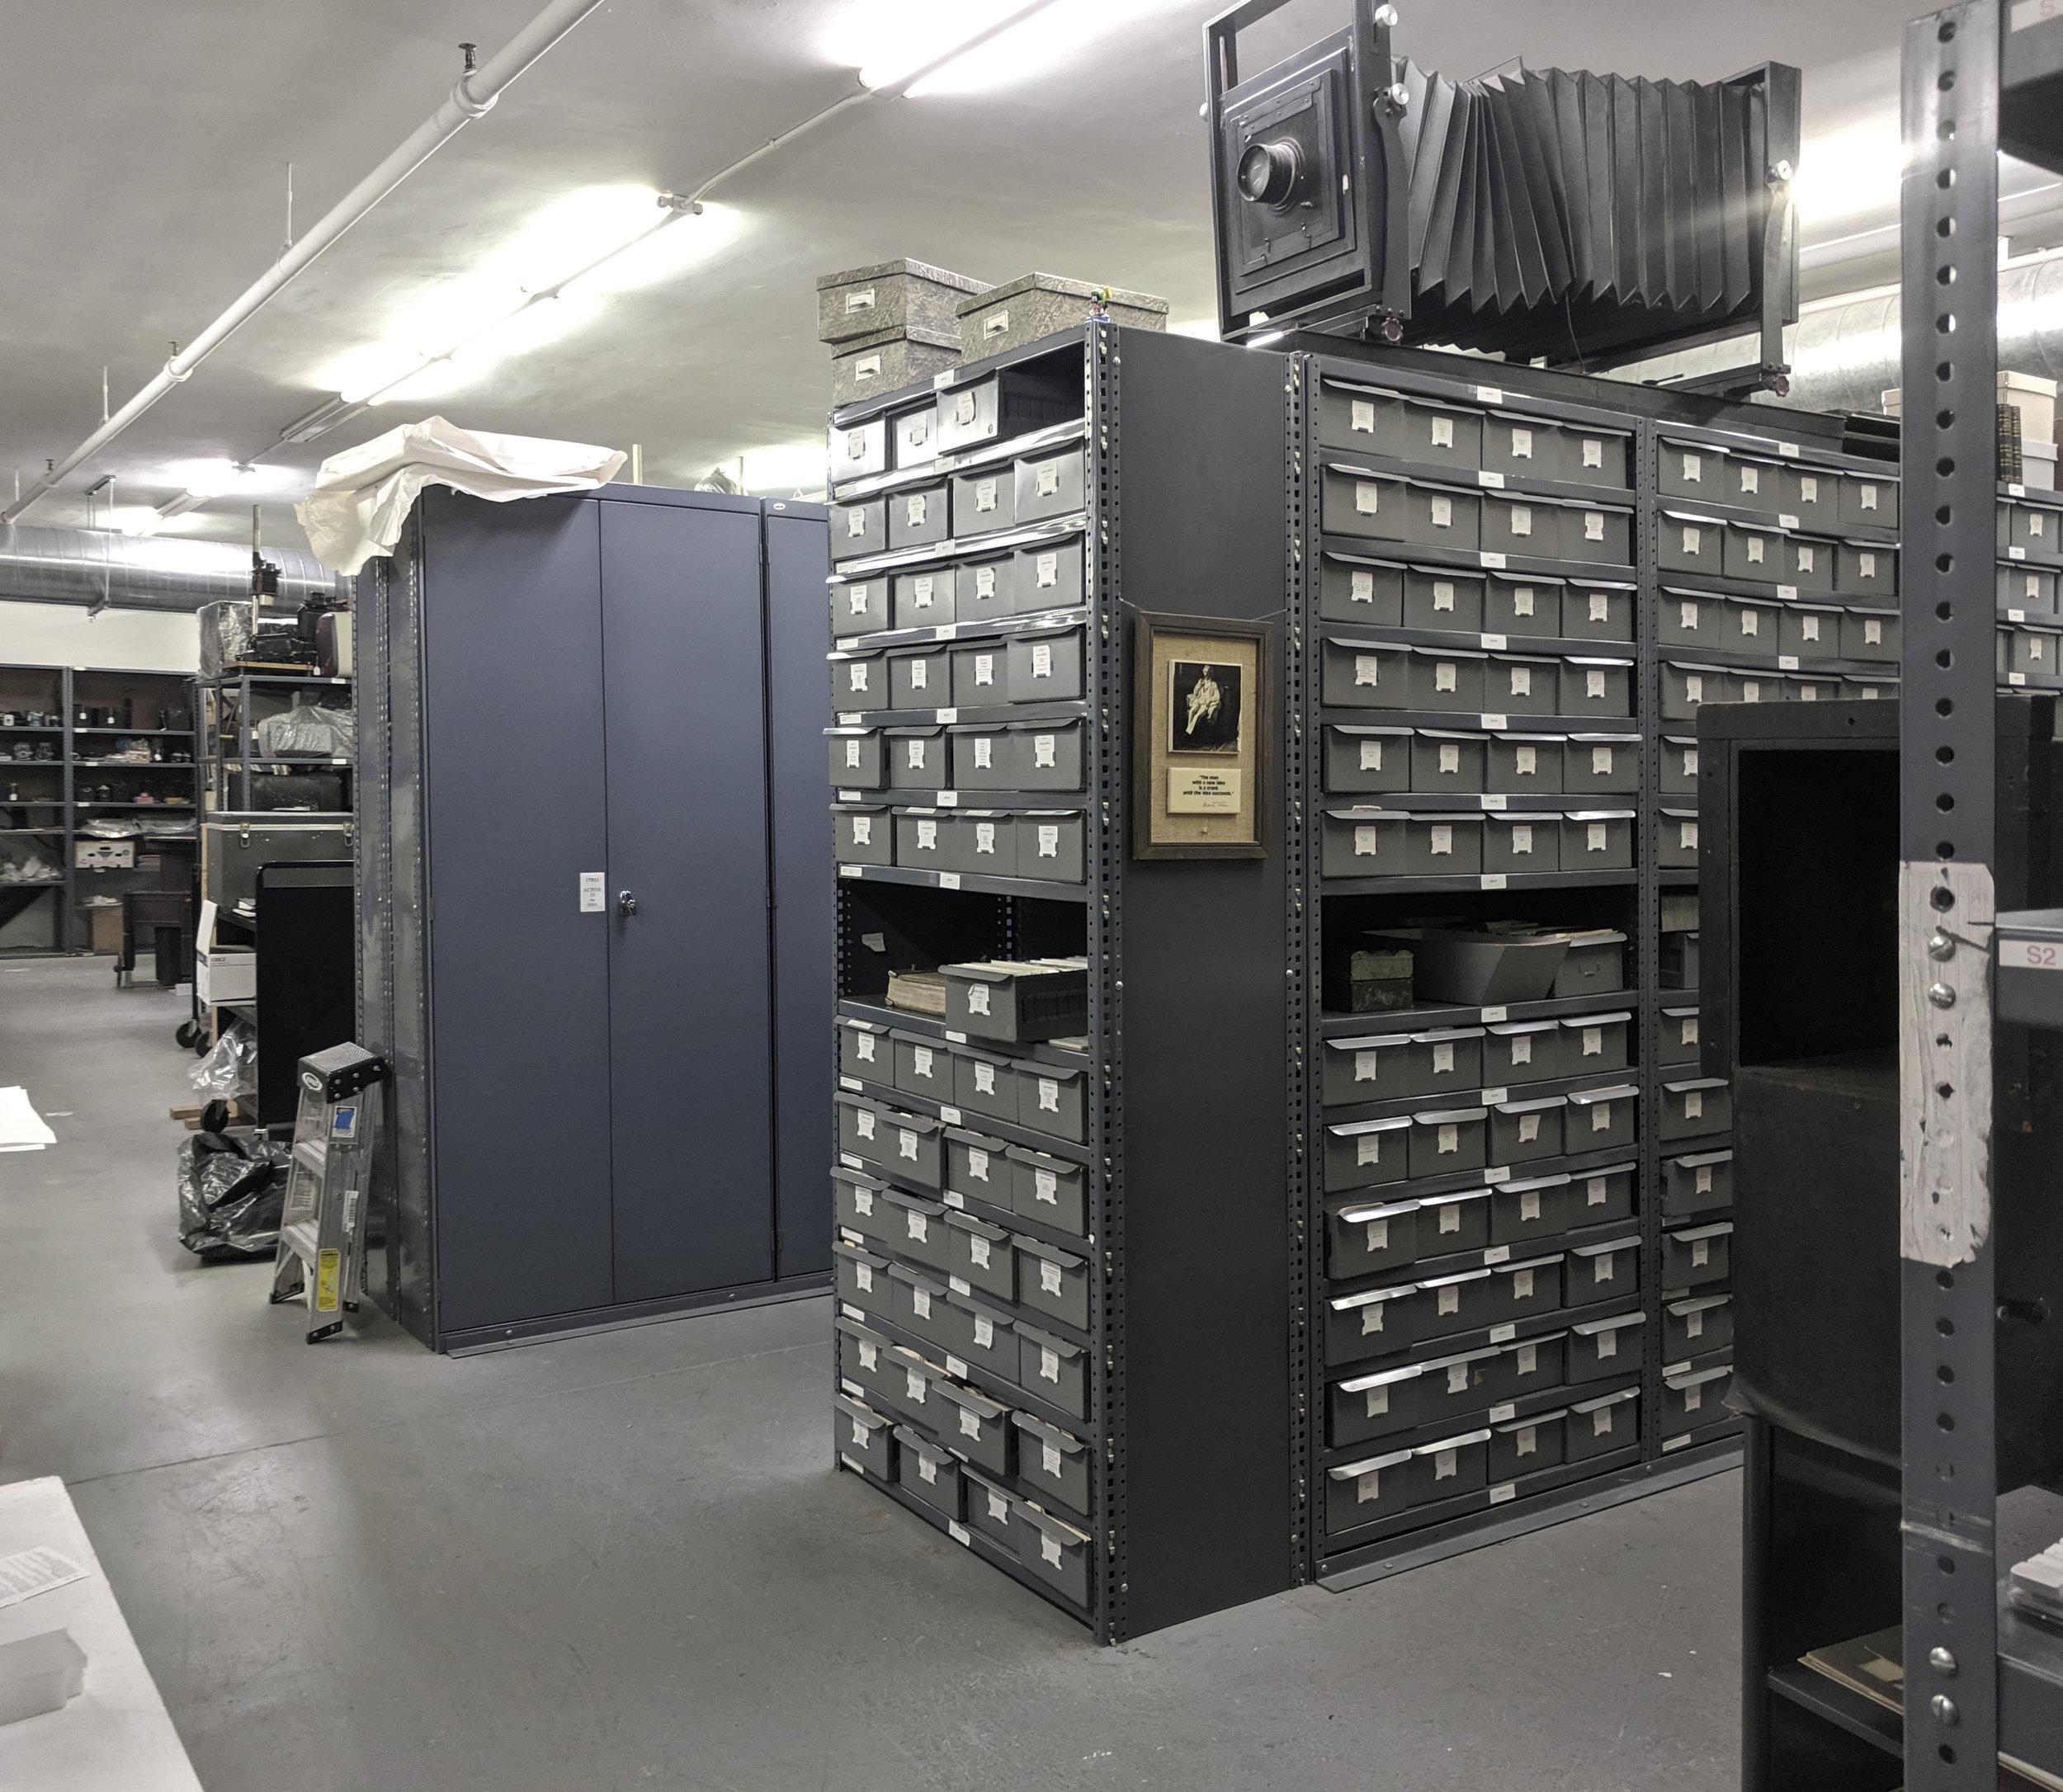 The first vault